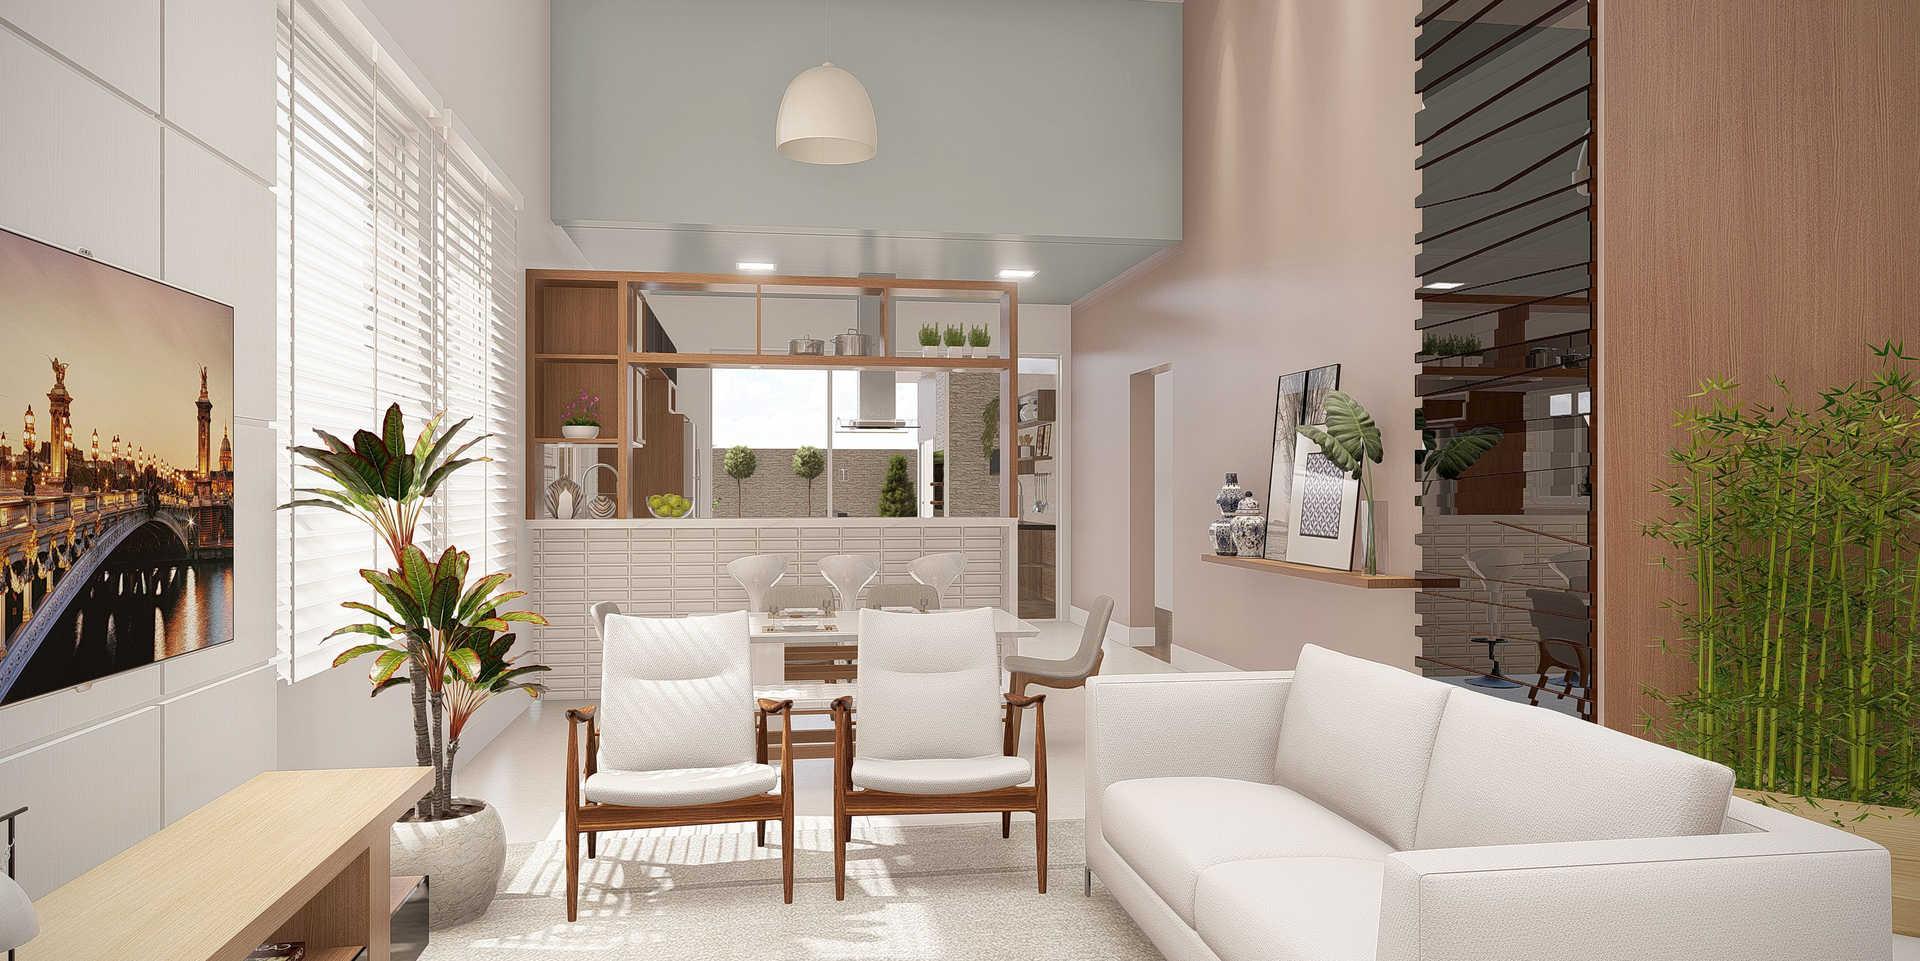 Salas e Cozinha - TV C1.jpg